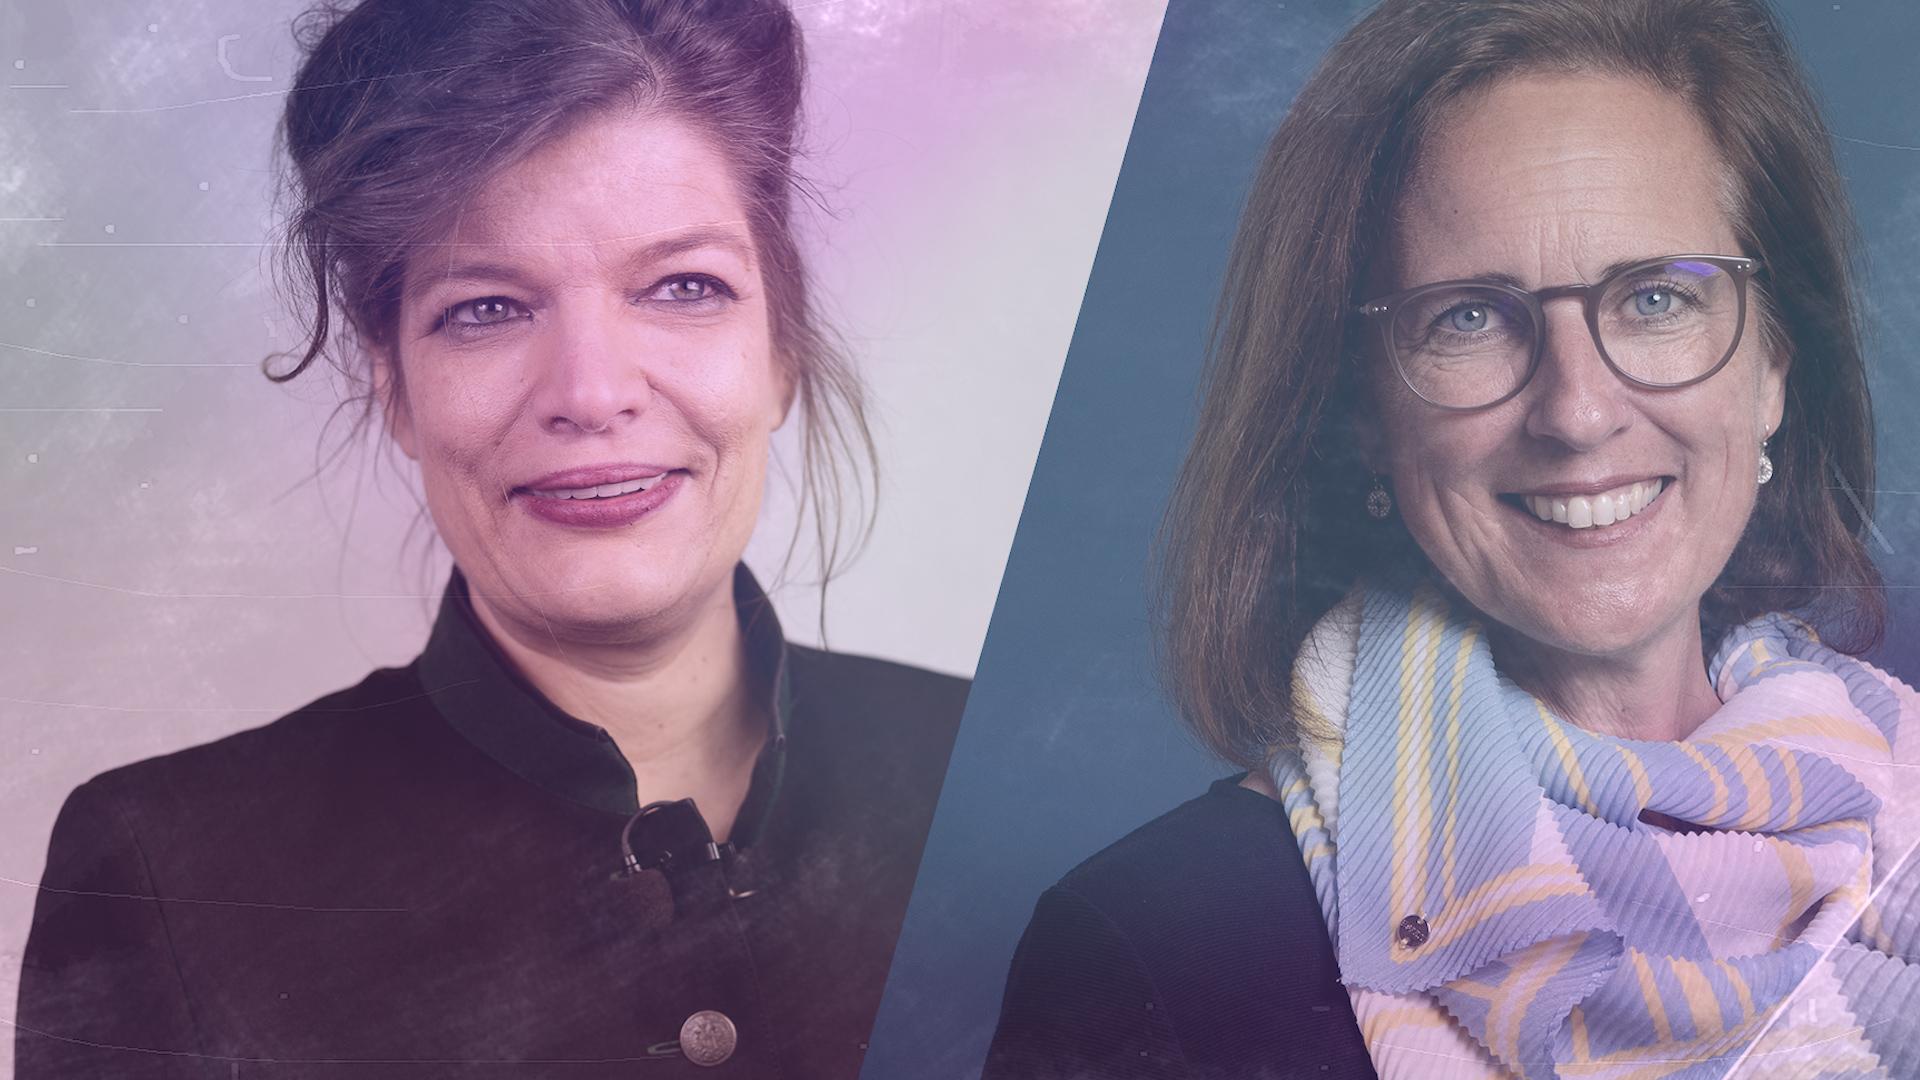 Talk im Schloss – Annette Wachter im Gespräch mit Esther Matolycz